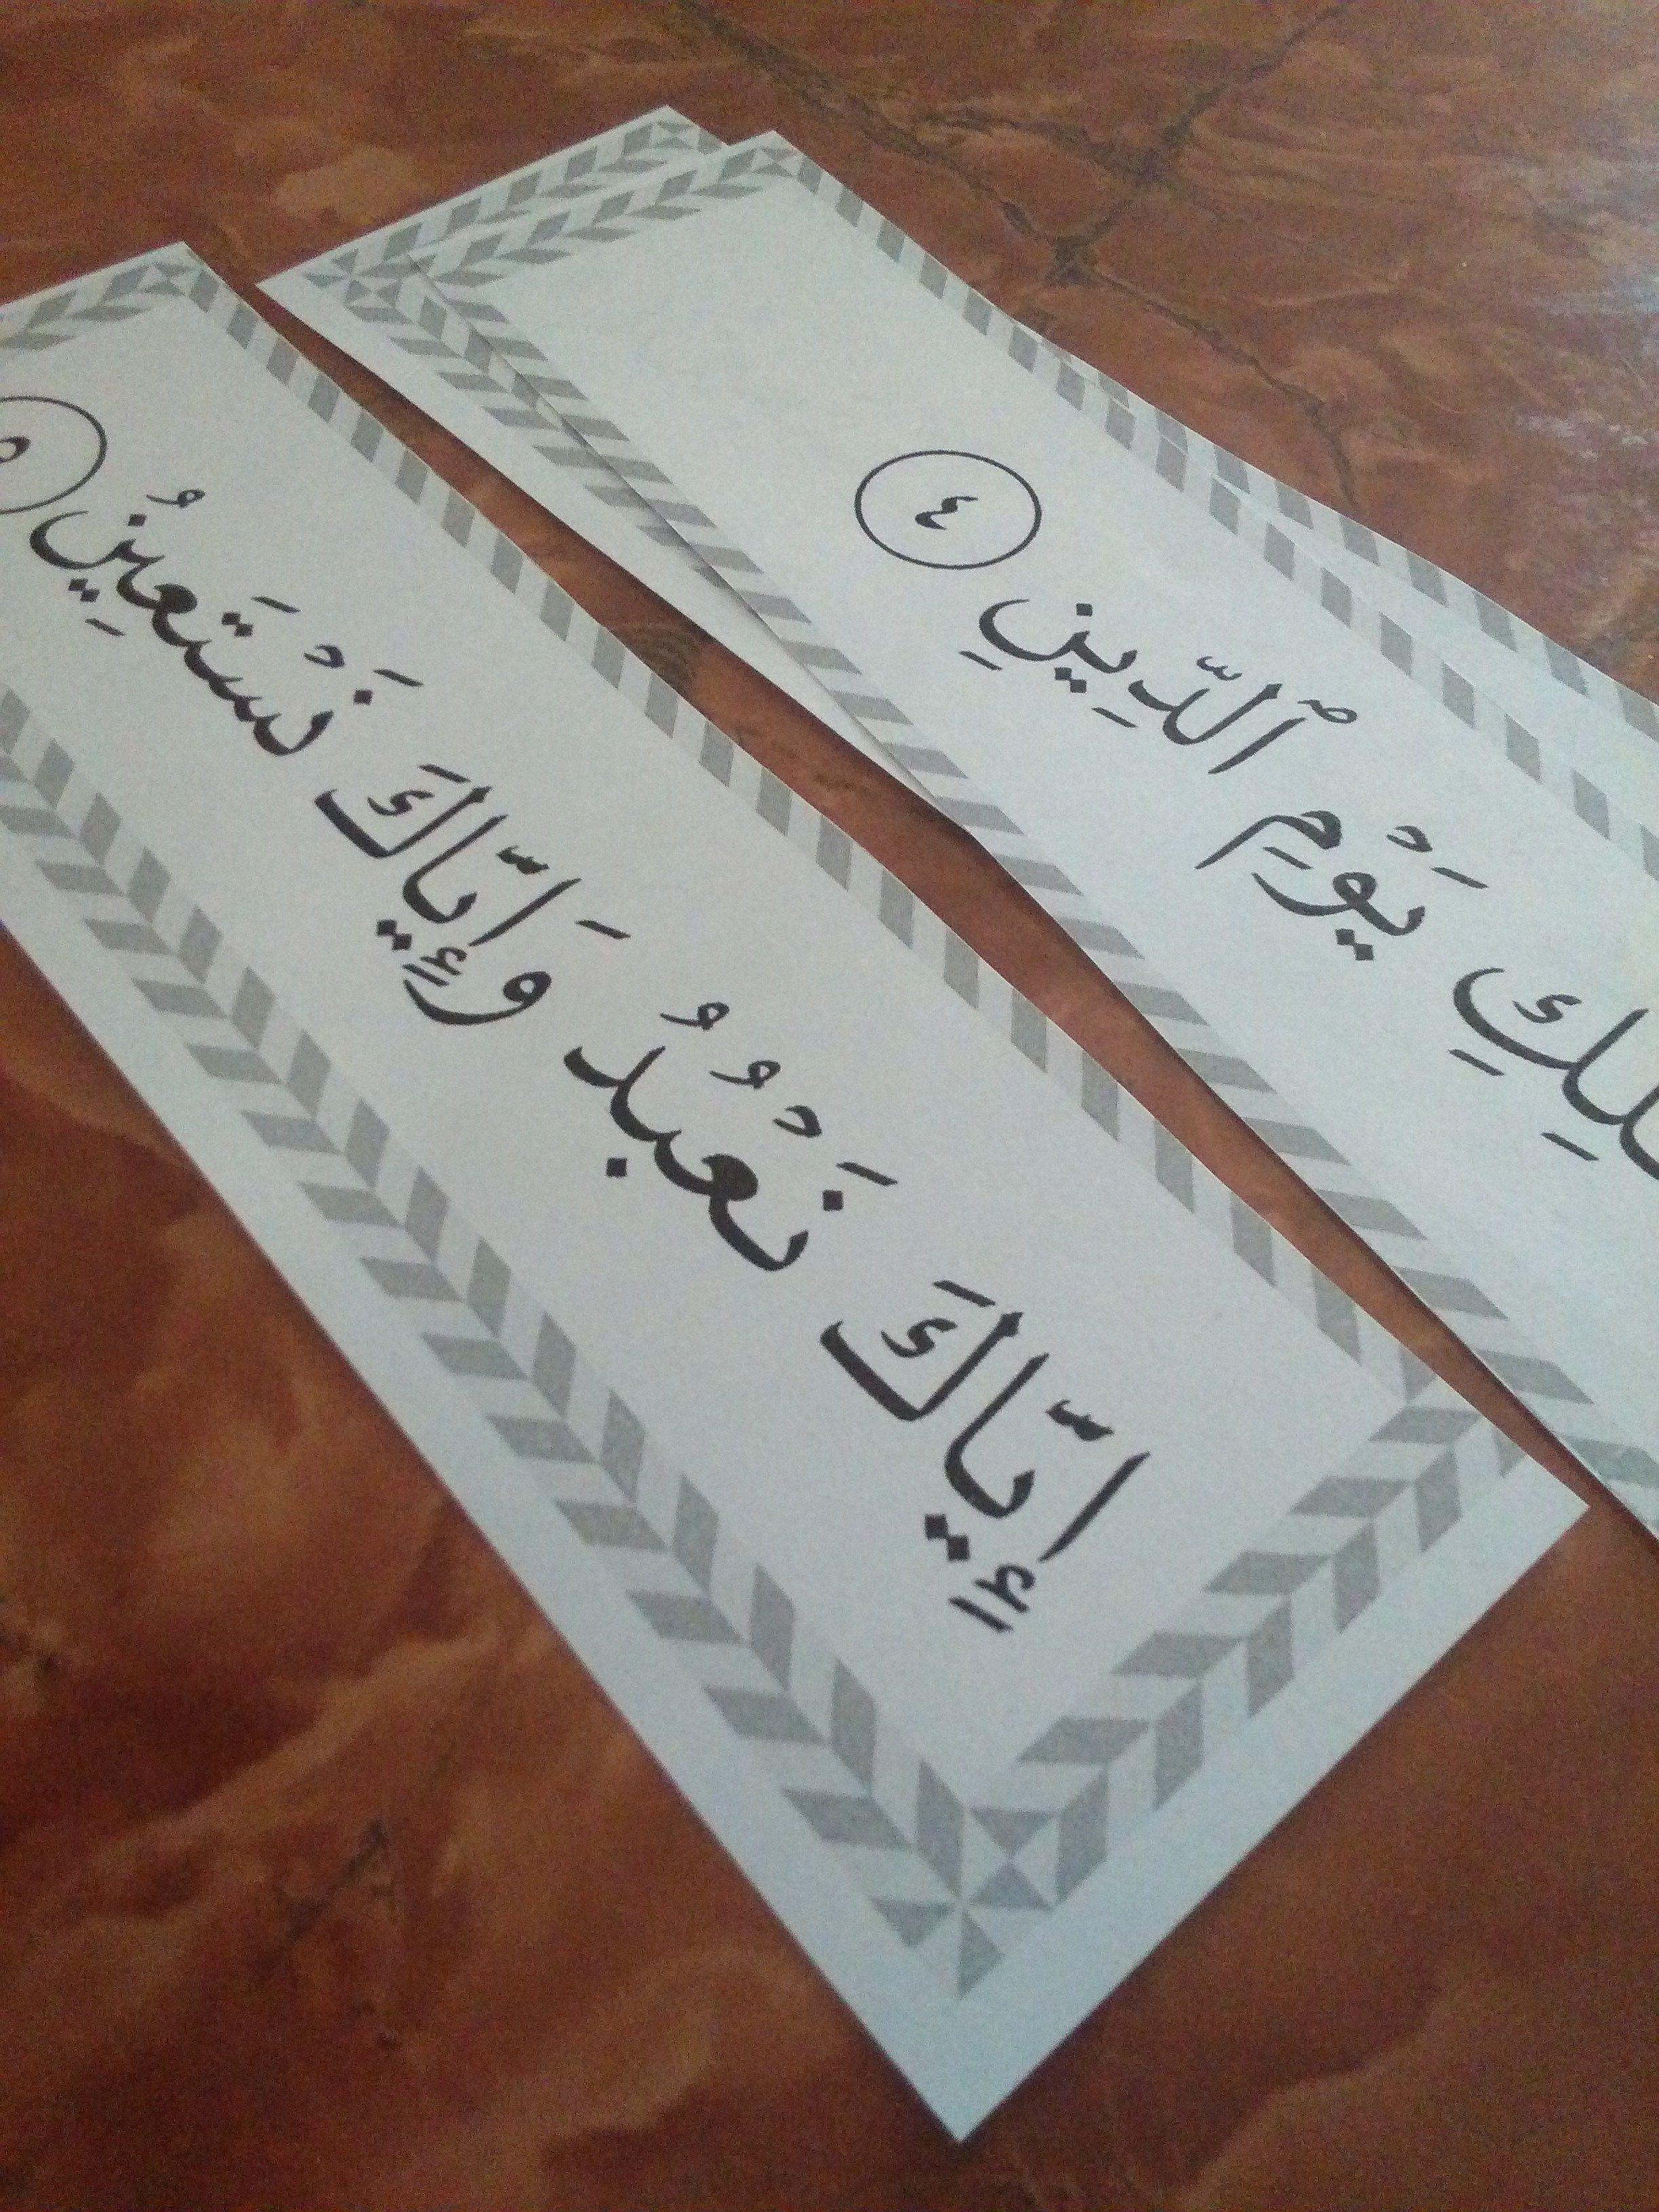 شرح واف لكيفية تطبيق هذه السلسلة و كيف نستخدم بطاقات التحفيظ مع الاطفال و كيف يتم تفسير جزء عم له Islamic Kids Activities Islam For Kids Muslim Kids Activities